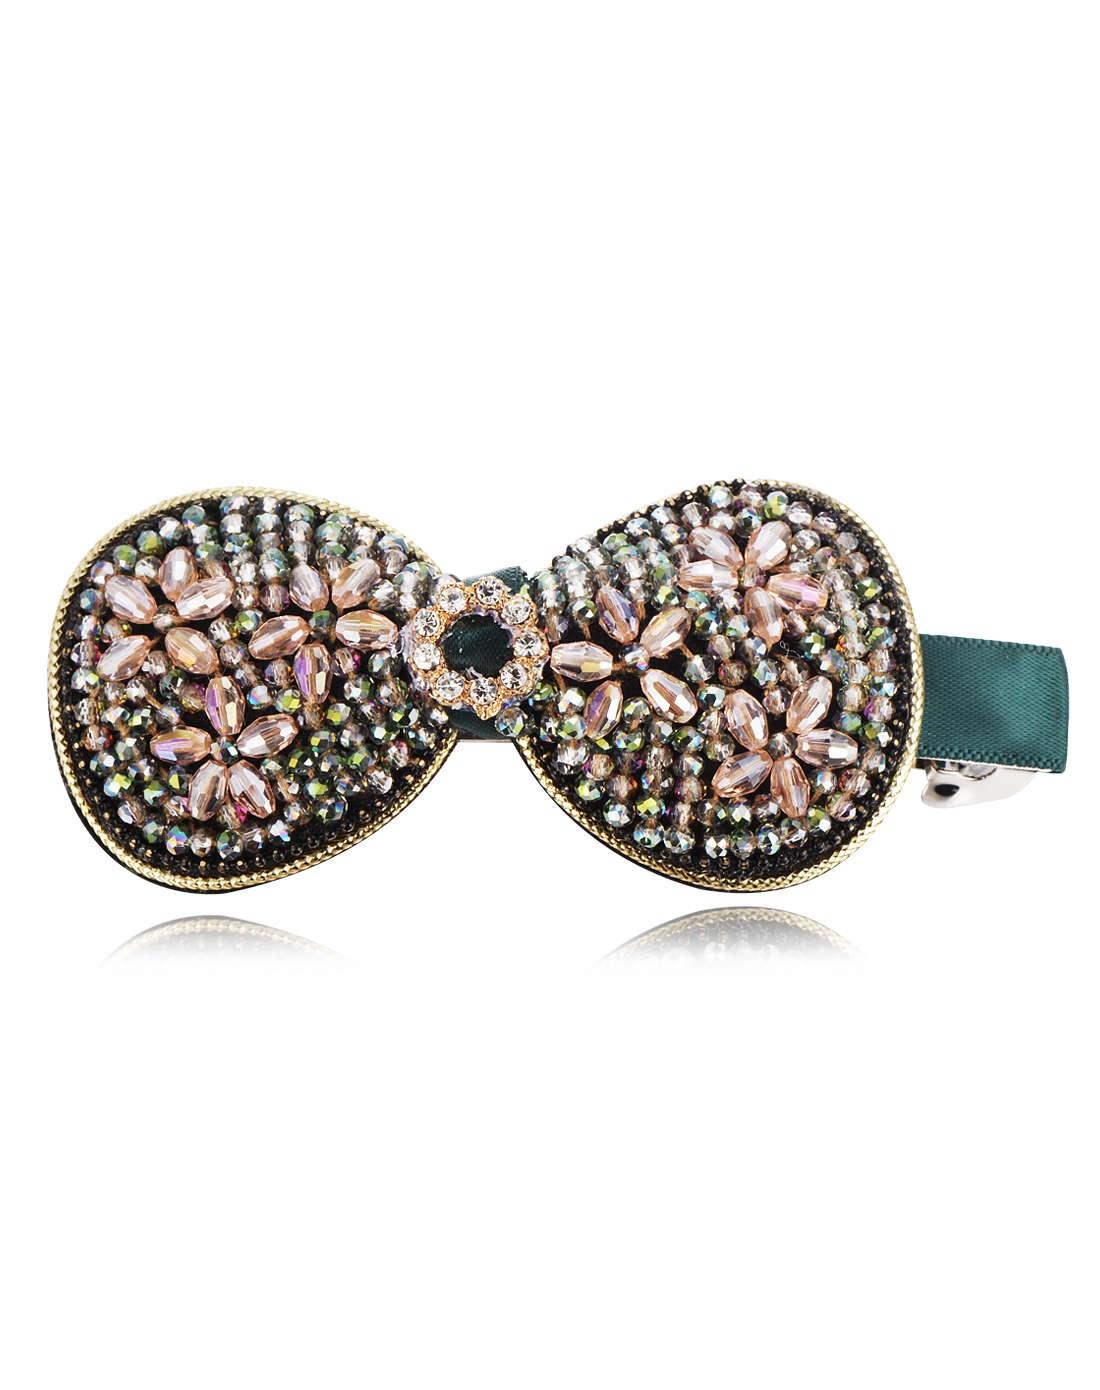 绿色水晶串珠蝴蝶结发夹